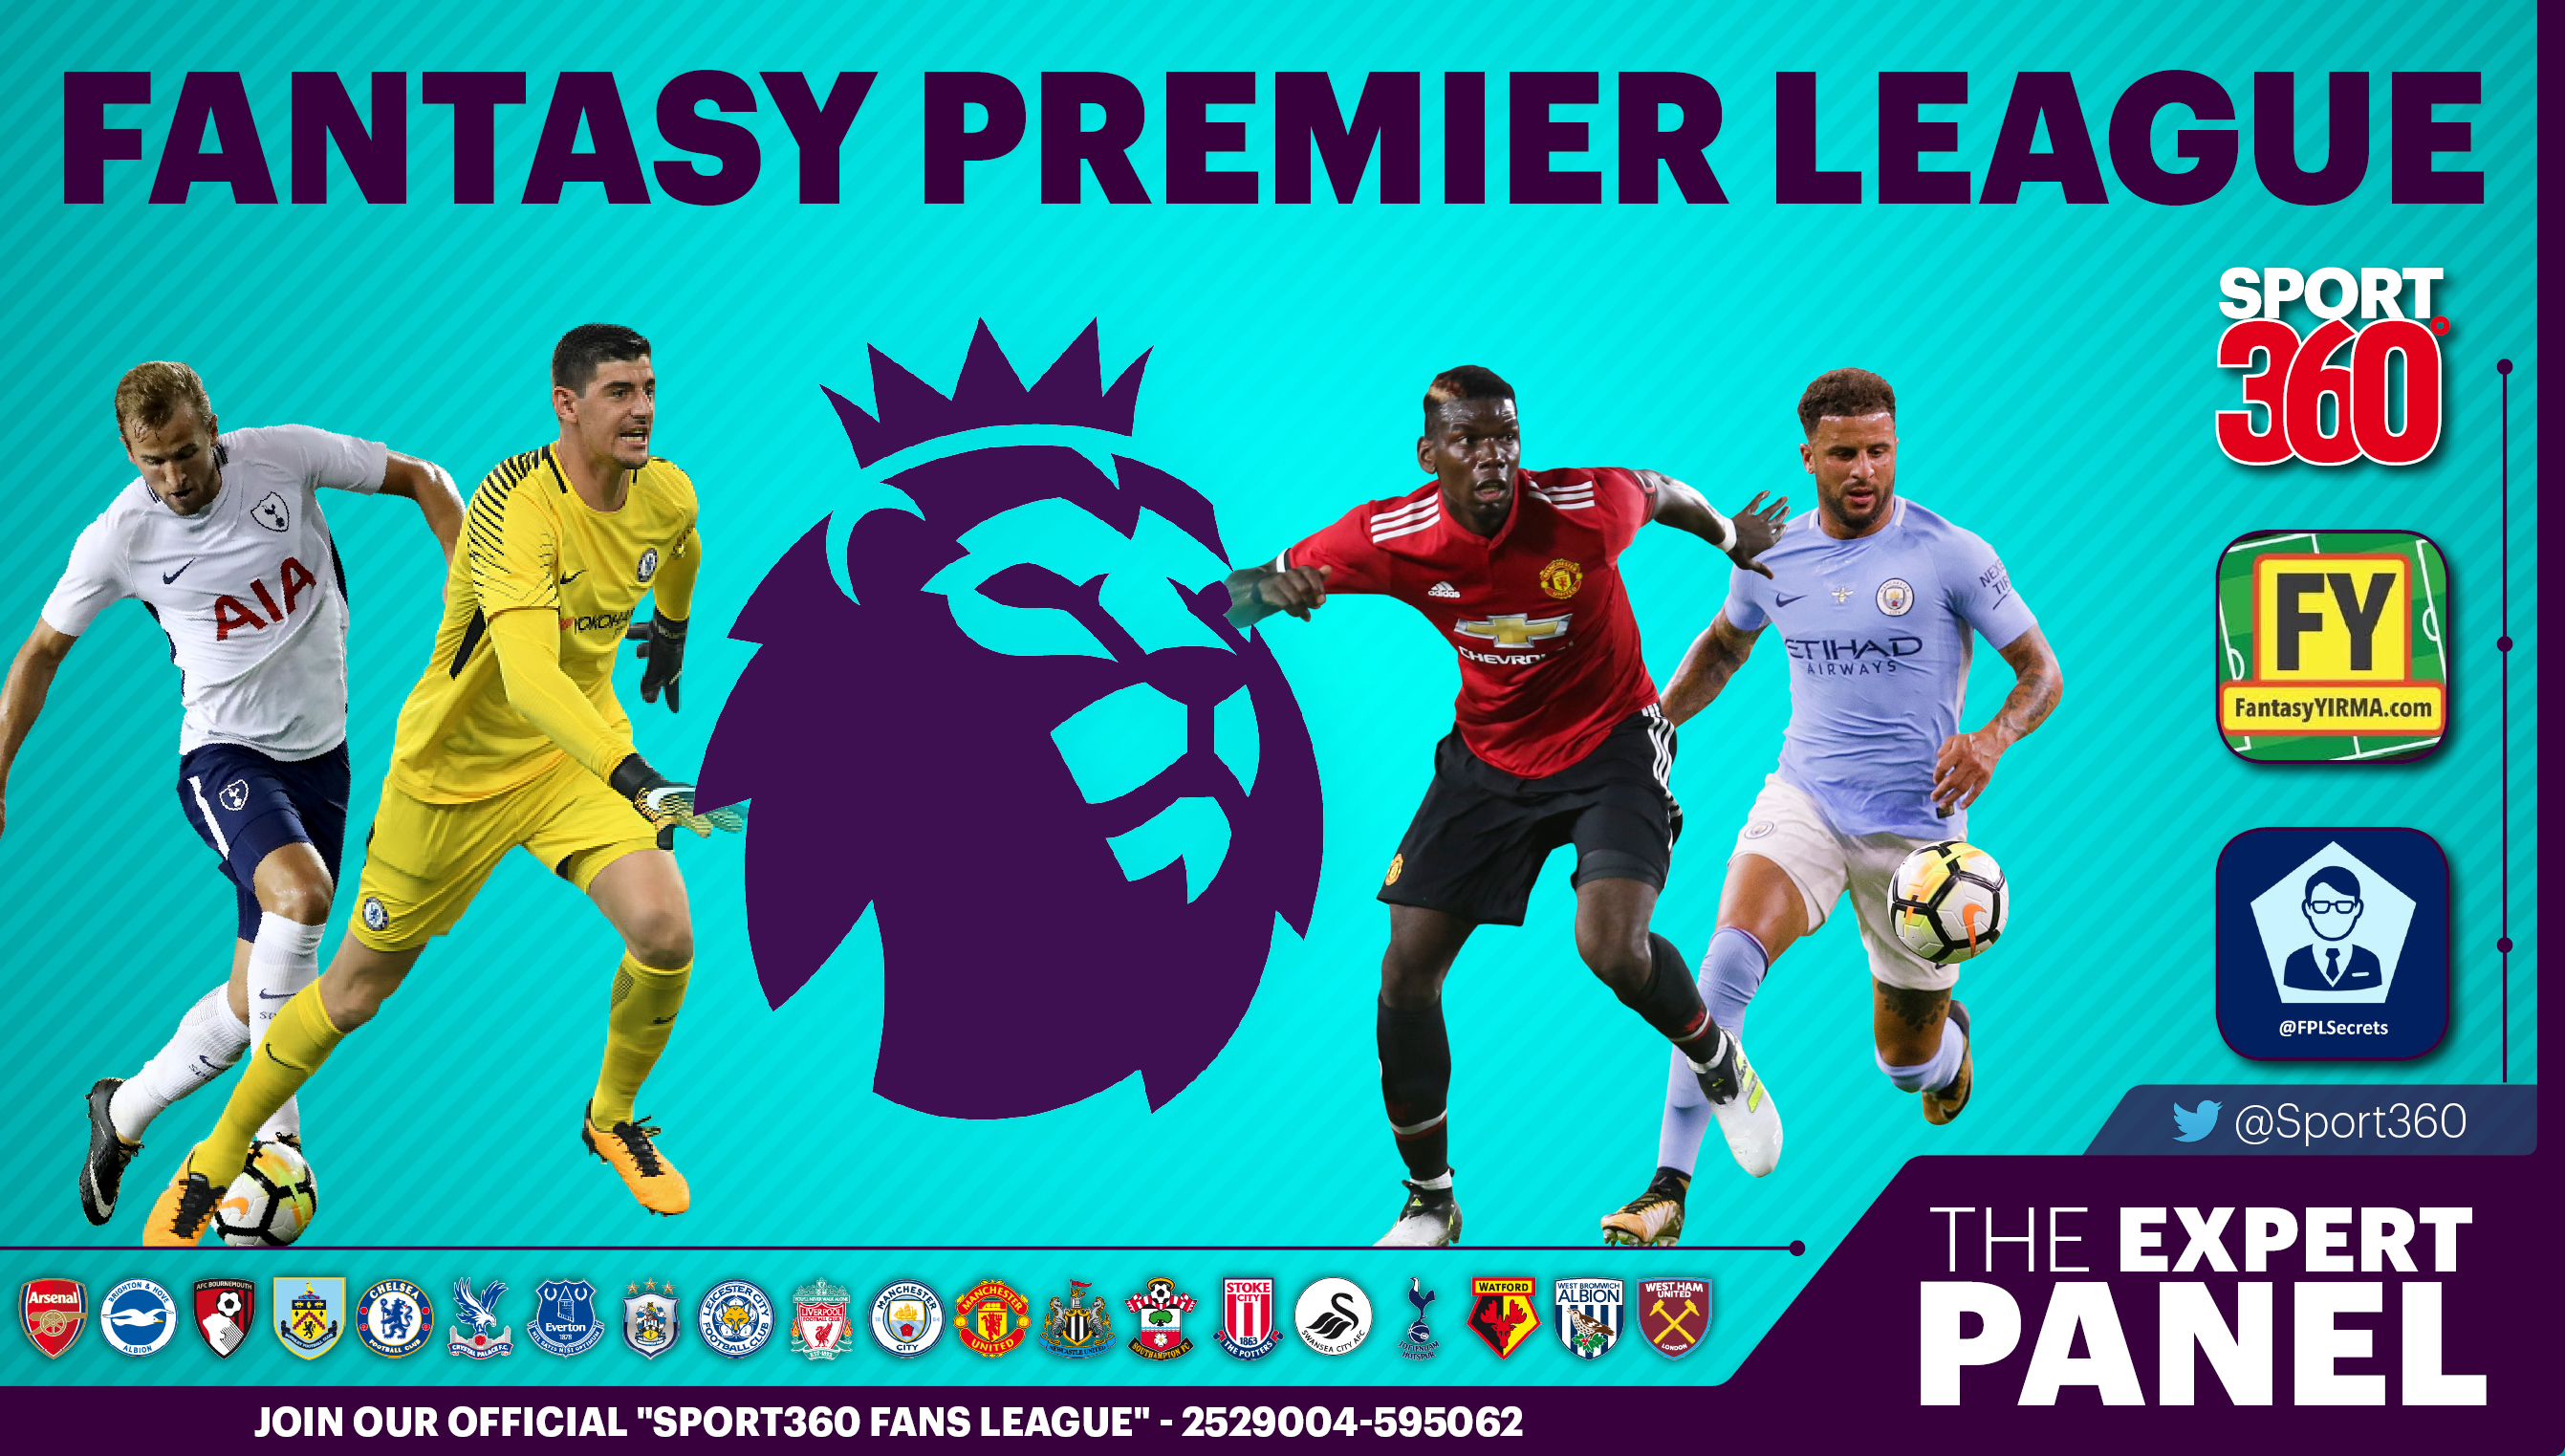 Fantasy Premier League expert panel: Arsenal's Alexis ...